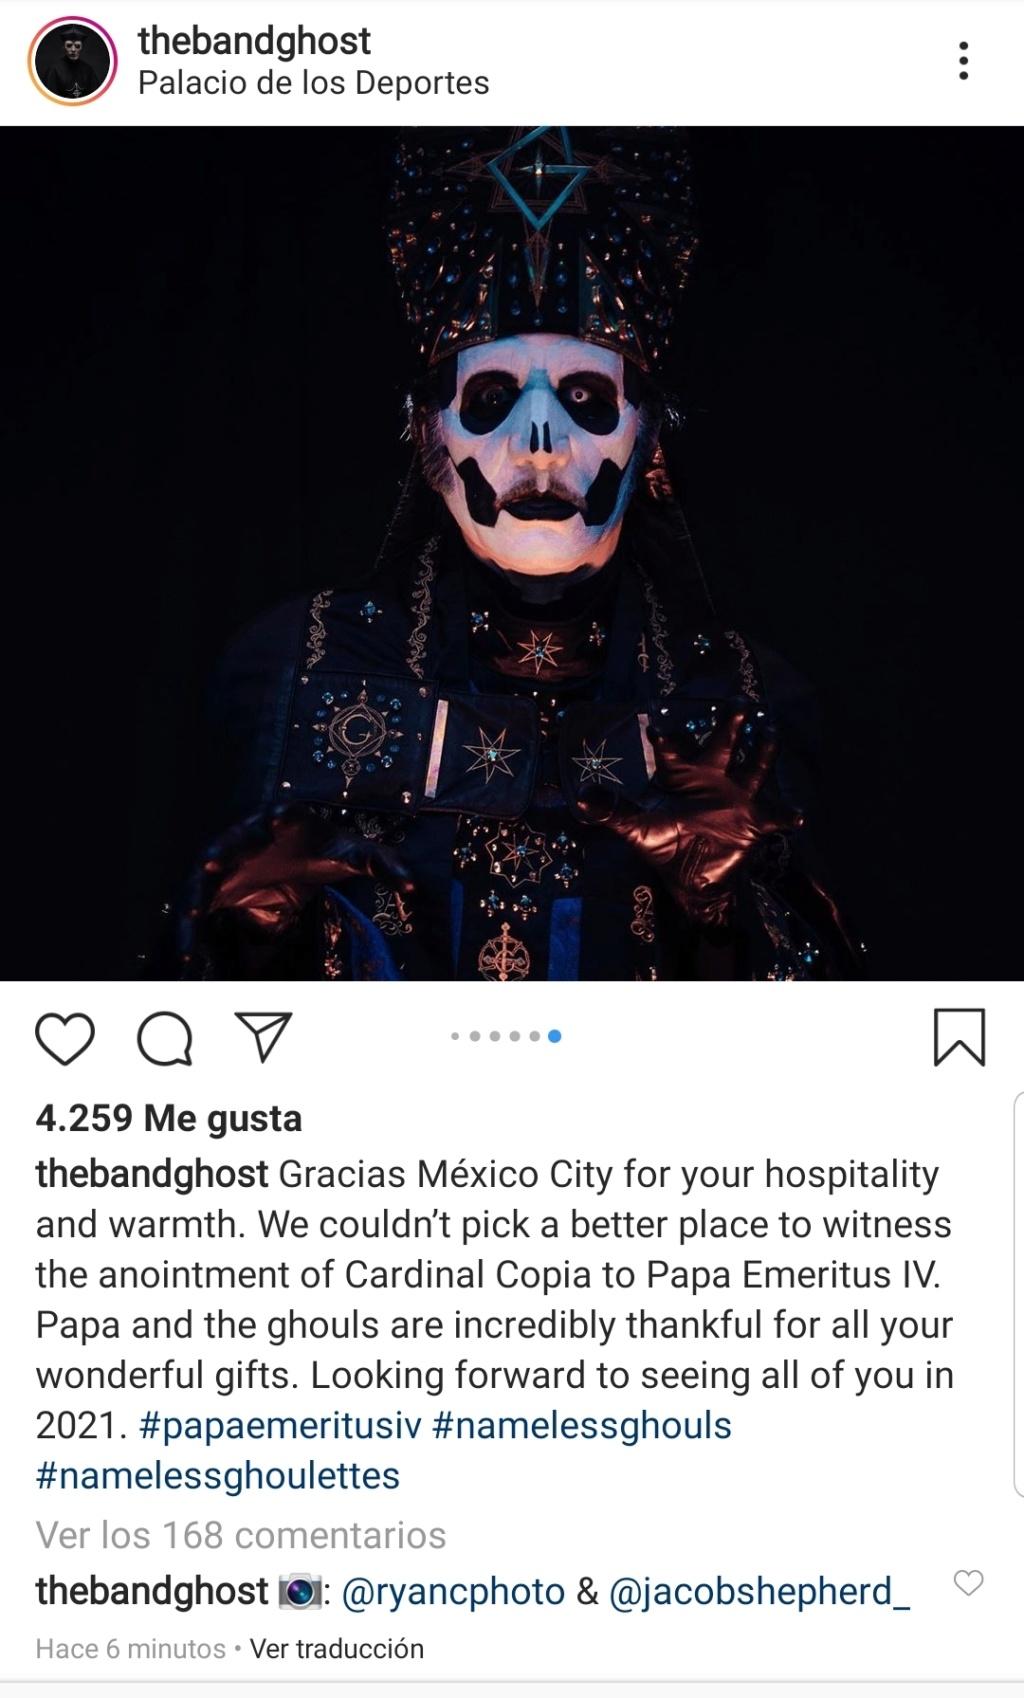 Papa Emeritus y sus discípulos reparten misas oscuras - Página 3 Screen91